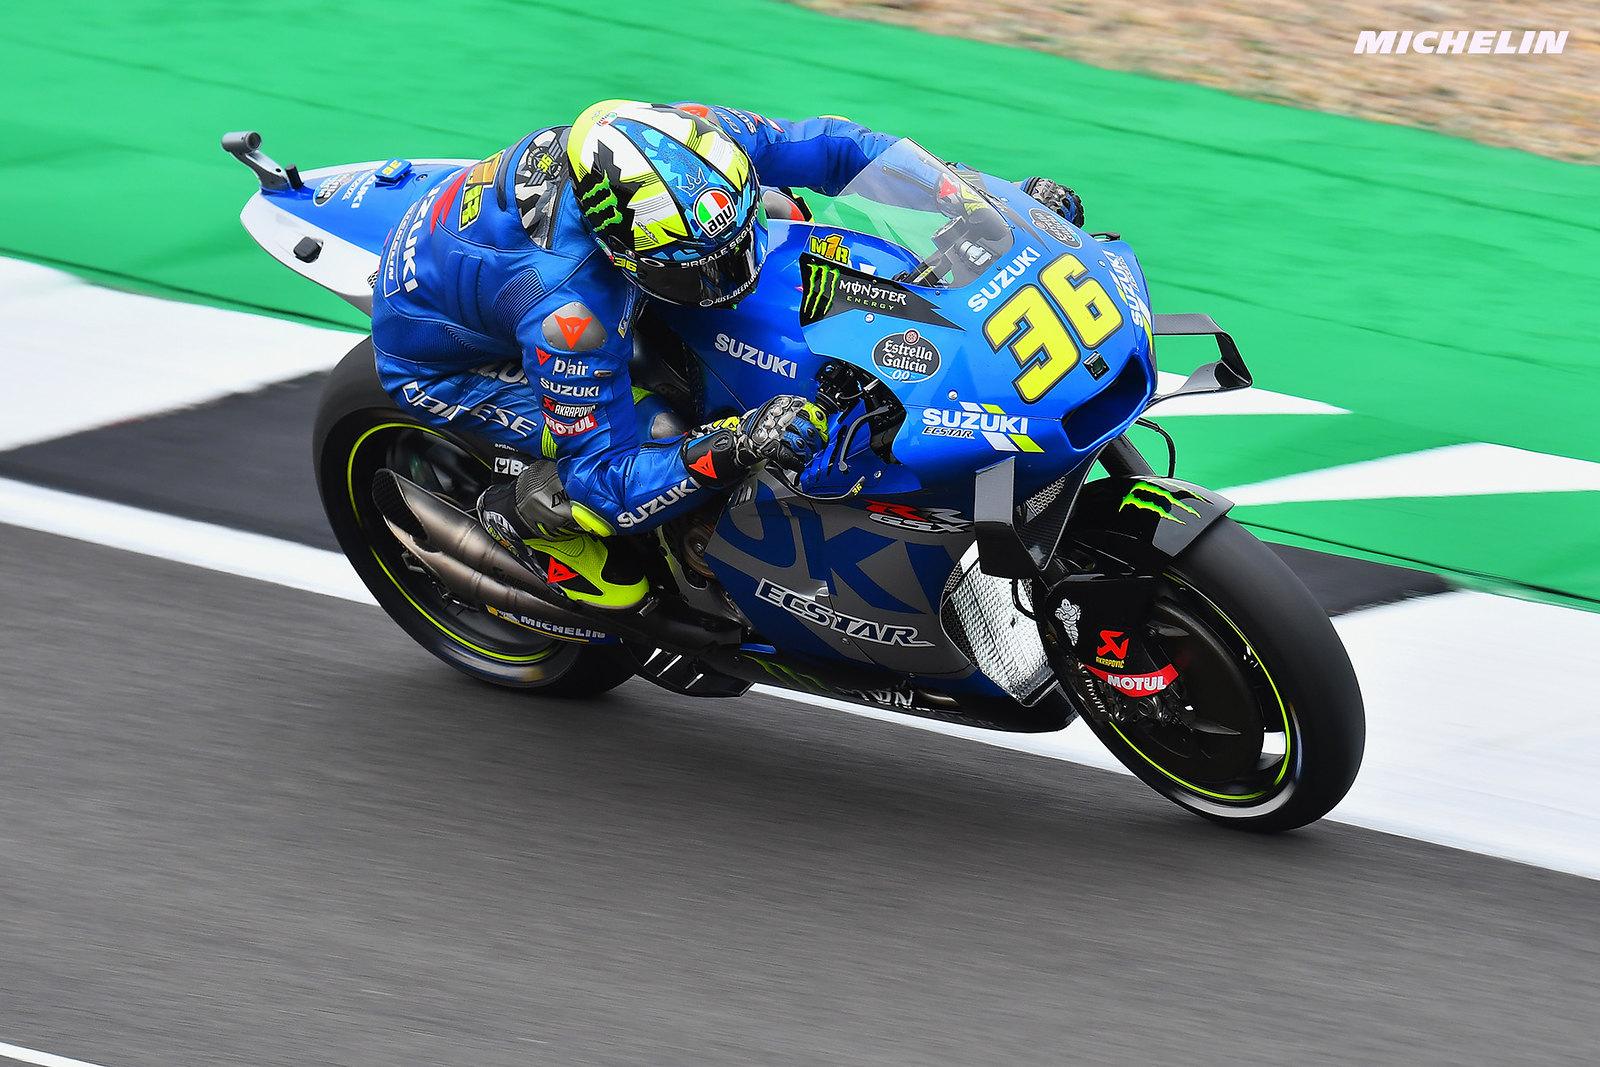 MotoGP2021イギリスGP 予選11位ジョアン・ミル「タイヤと電子制御に問題が出てしまったもの」